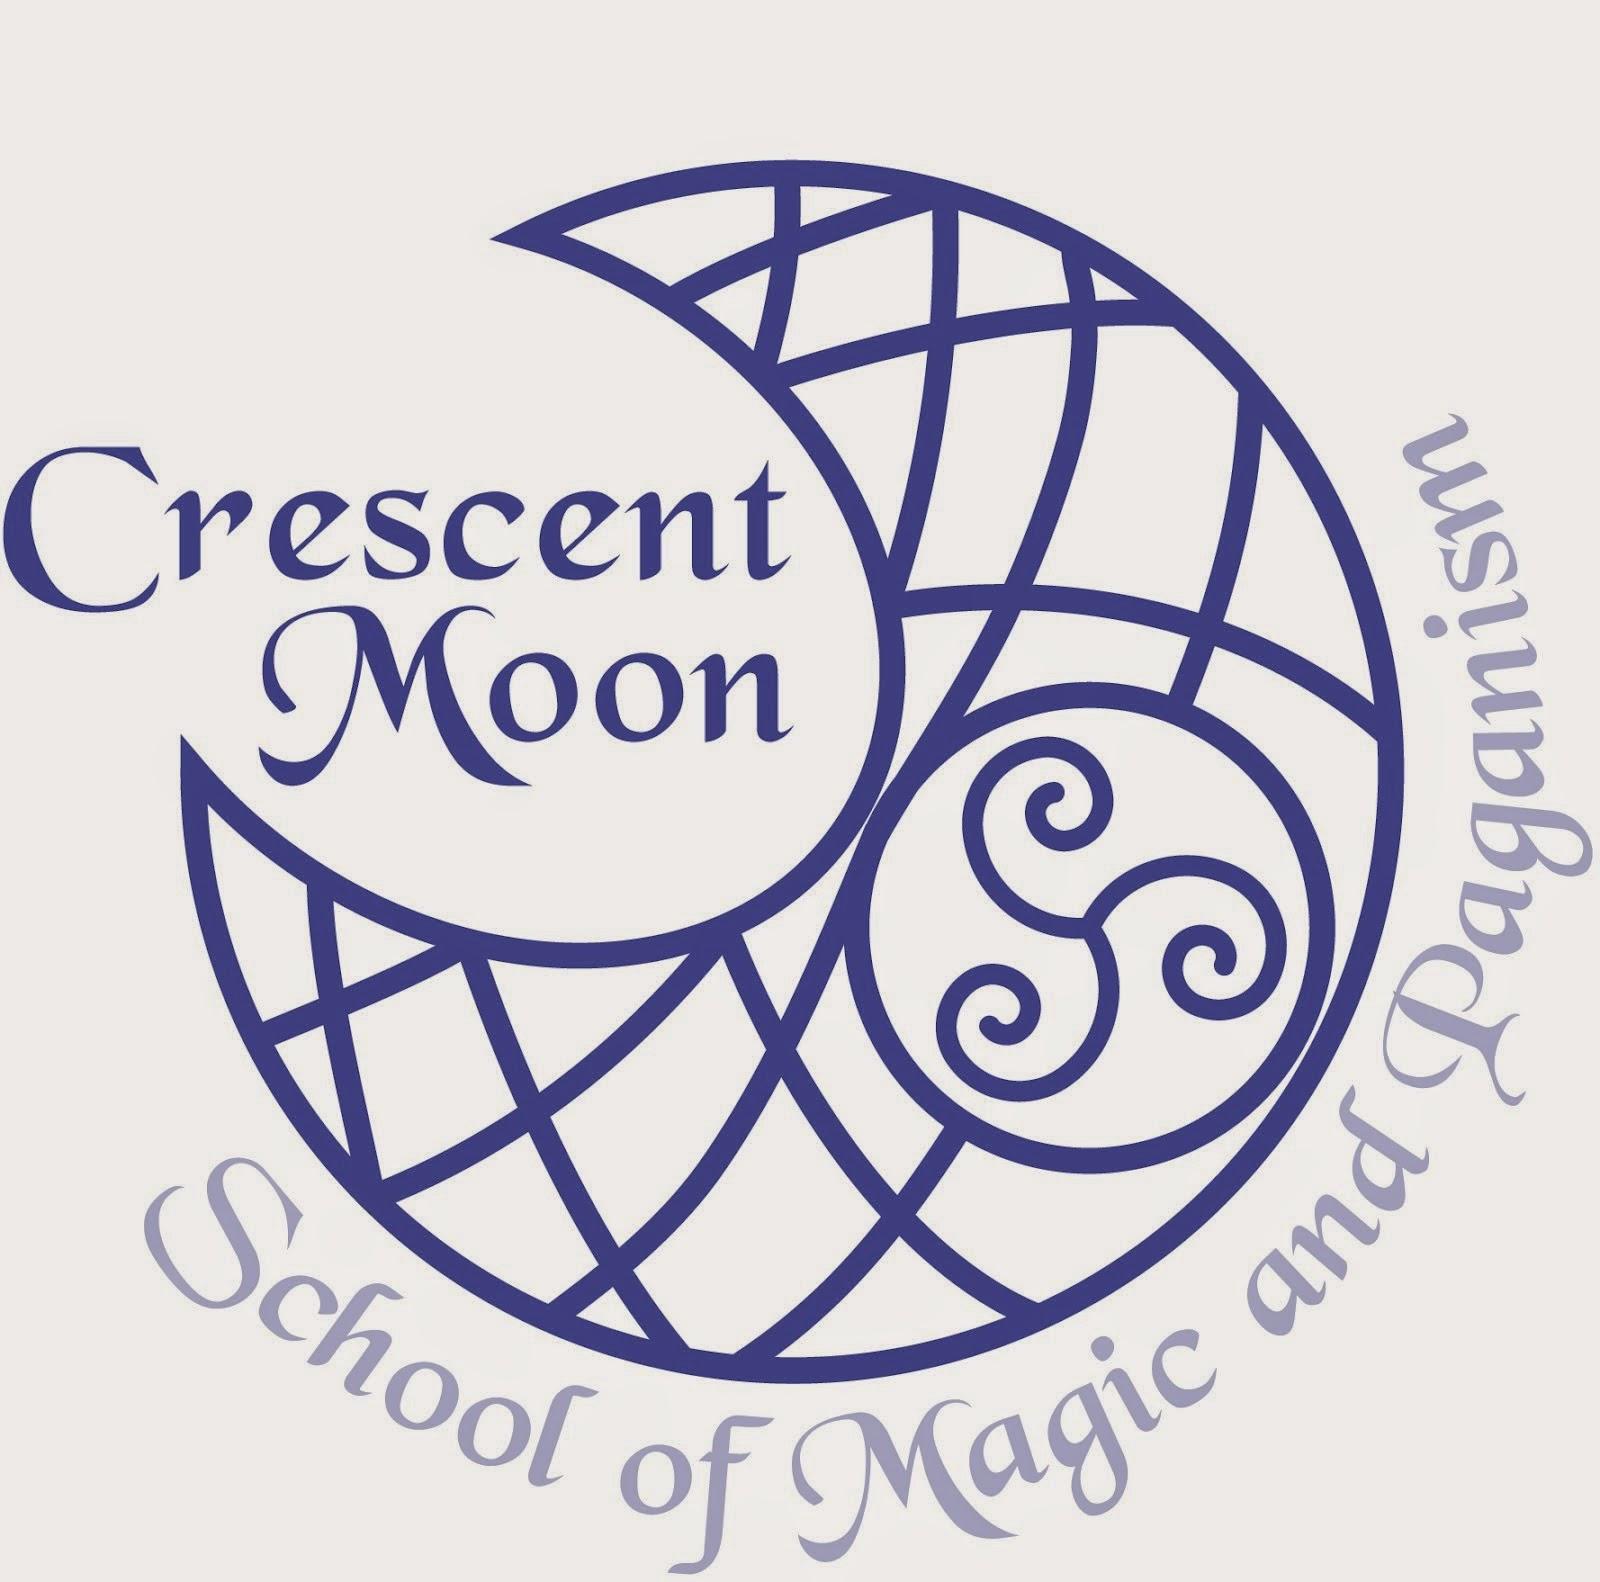 Crescent Moon School of Magic & Paganism